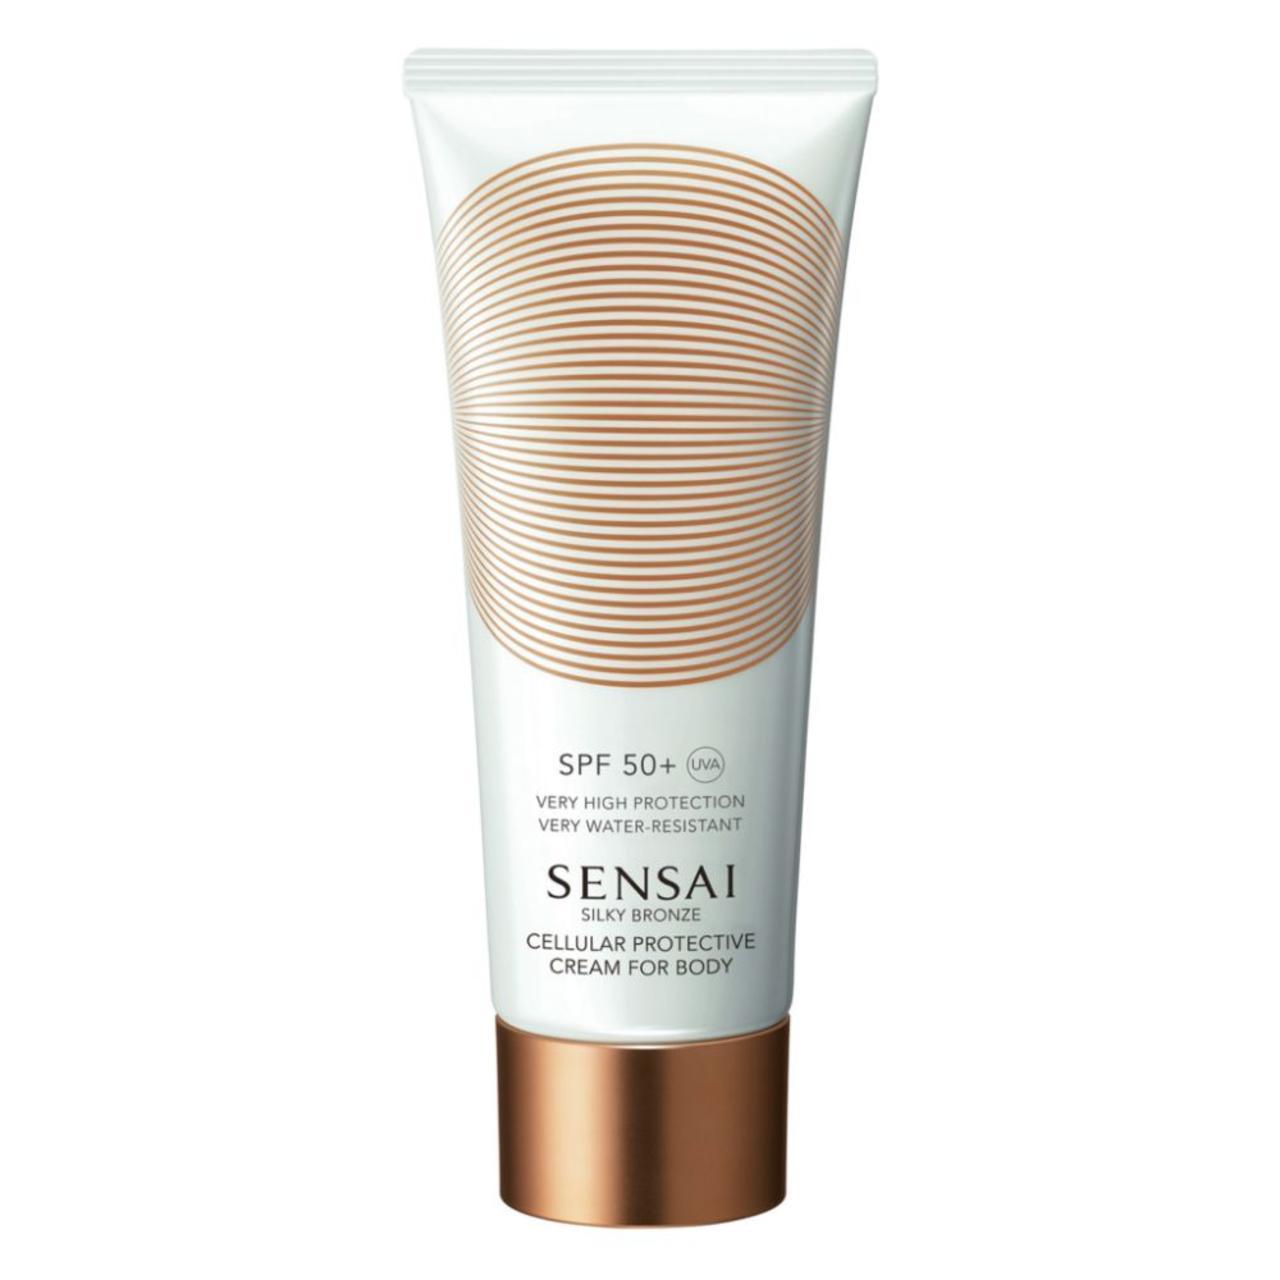 Sensai Silky Bronze Cellular Protective Cream for Body SPF 50, …